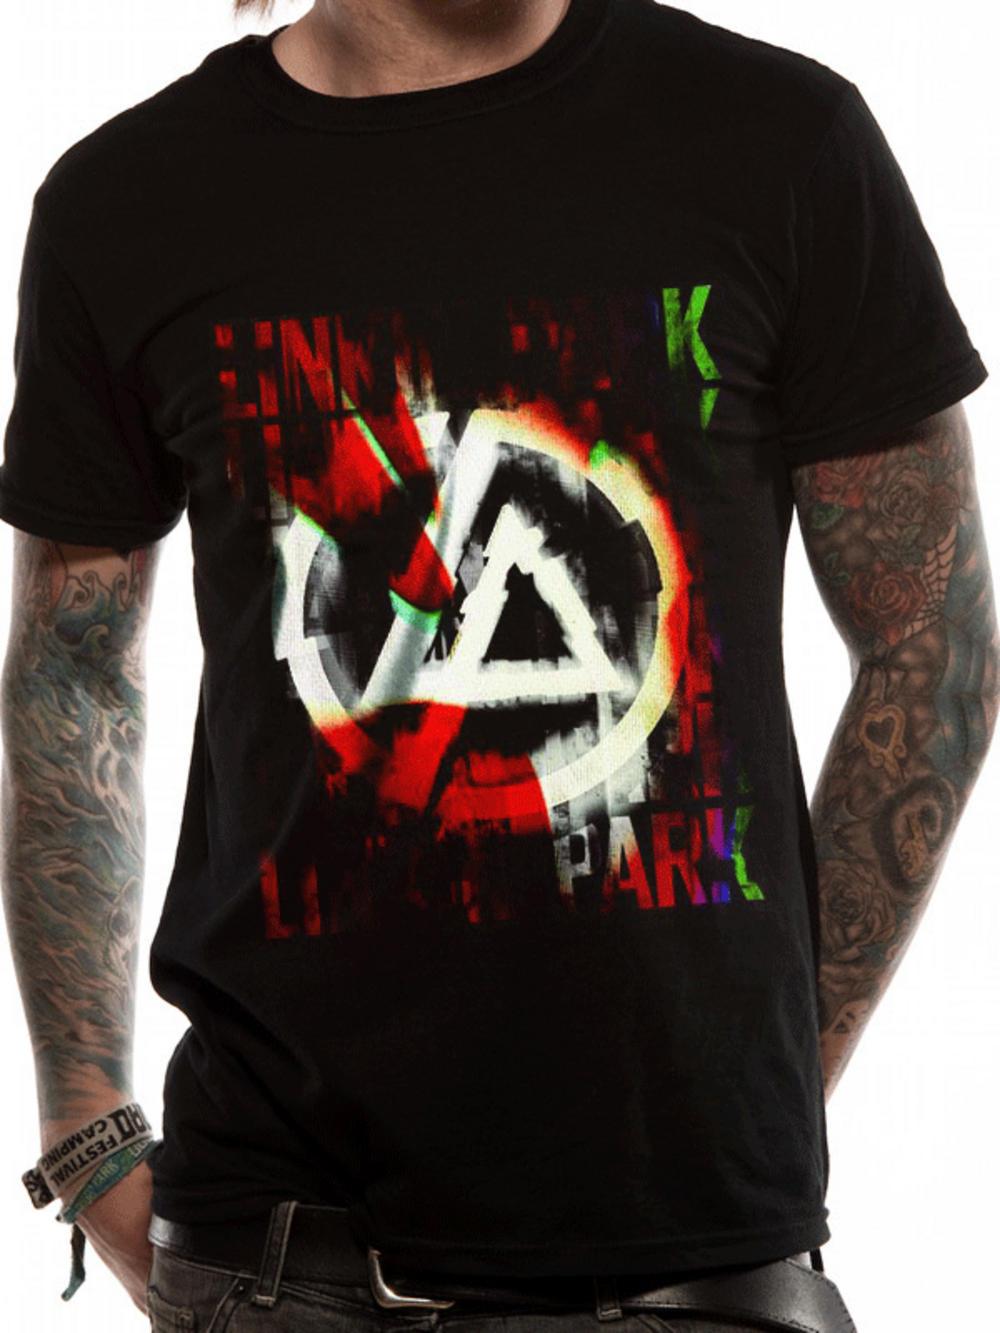 Shirt design pinterest - Linkin Park T Shirt Design